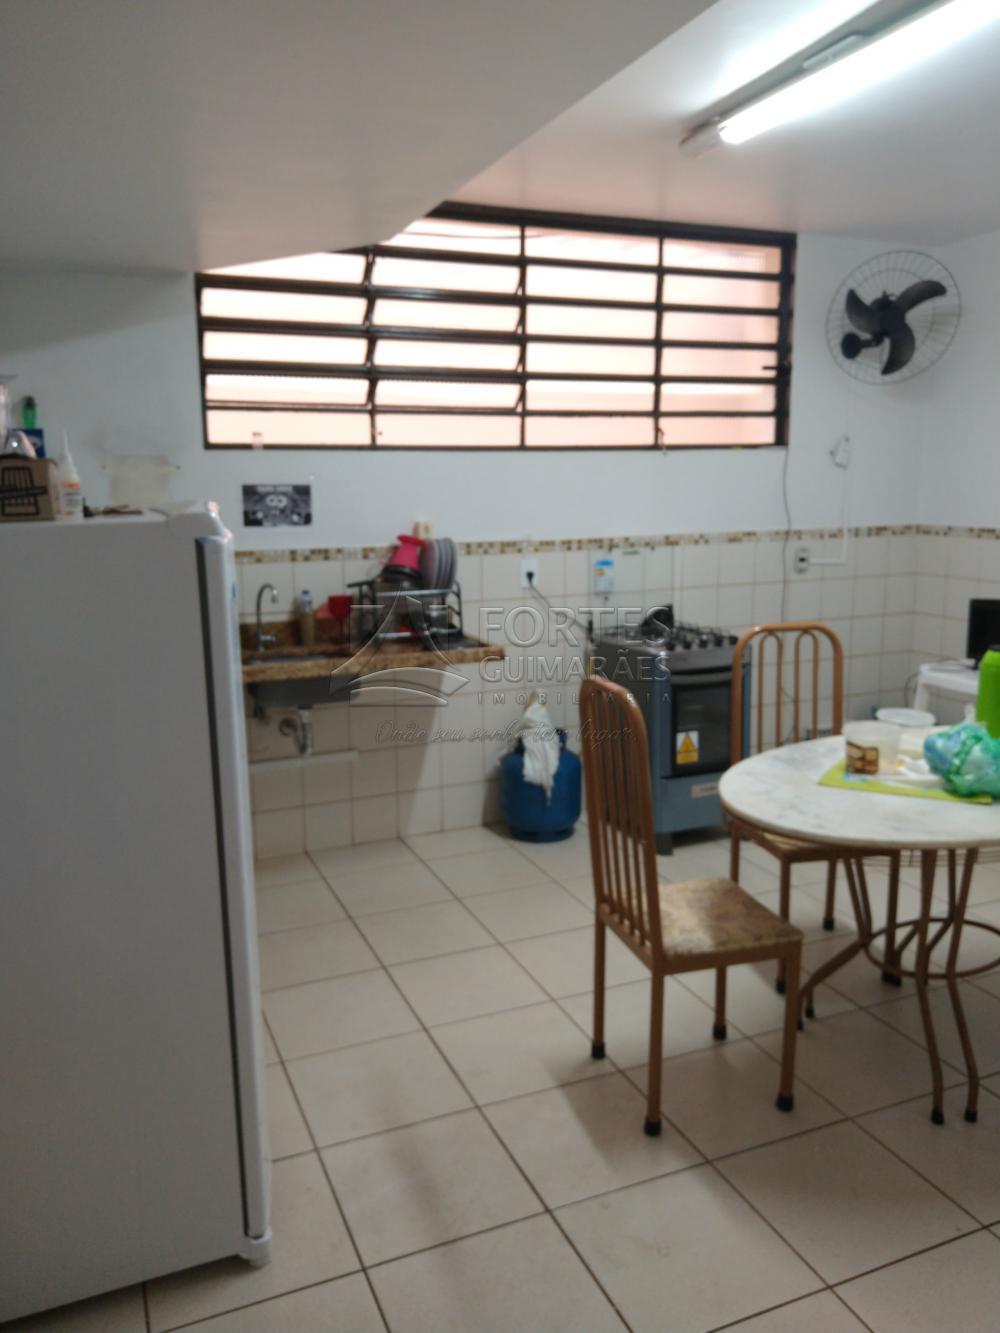 Alugar Comercial / Imóvel Comercial em Ribeirão Preto apenas R$ 12.000,00 - Foto 114